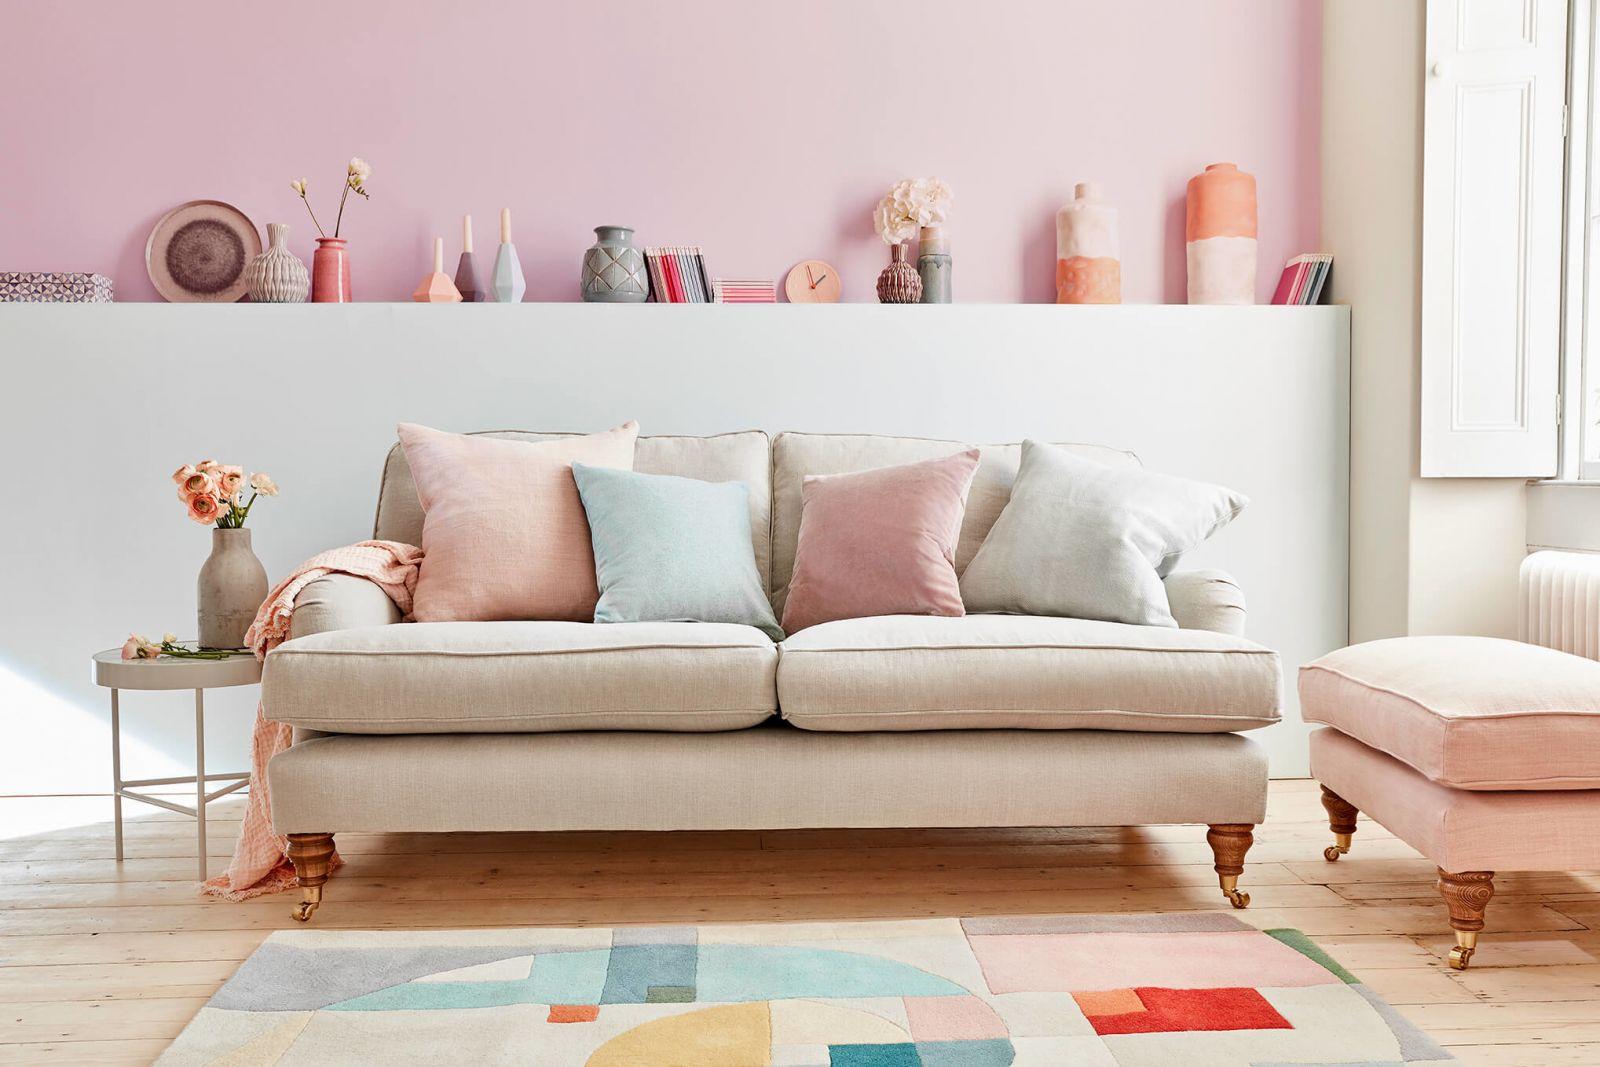 Цветовая палитра 2019 года предлагает широкий выбор на любой вкус: от нейтральных цветов доя ярких неоновых оттенков.